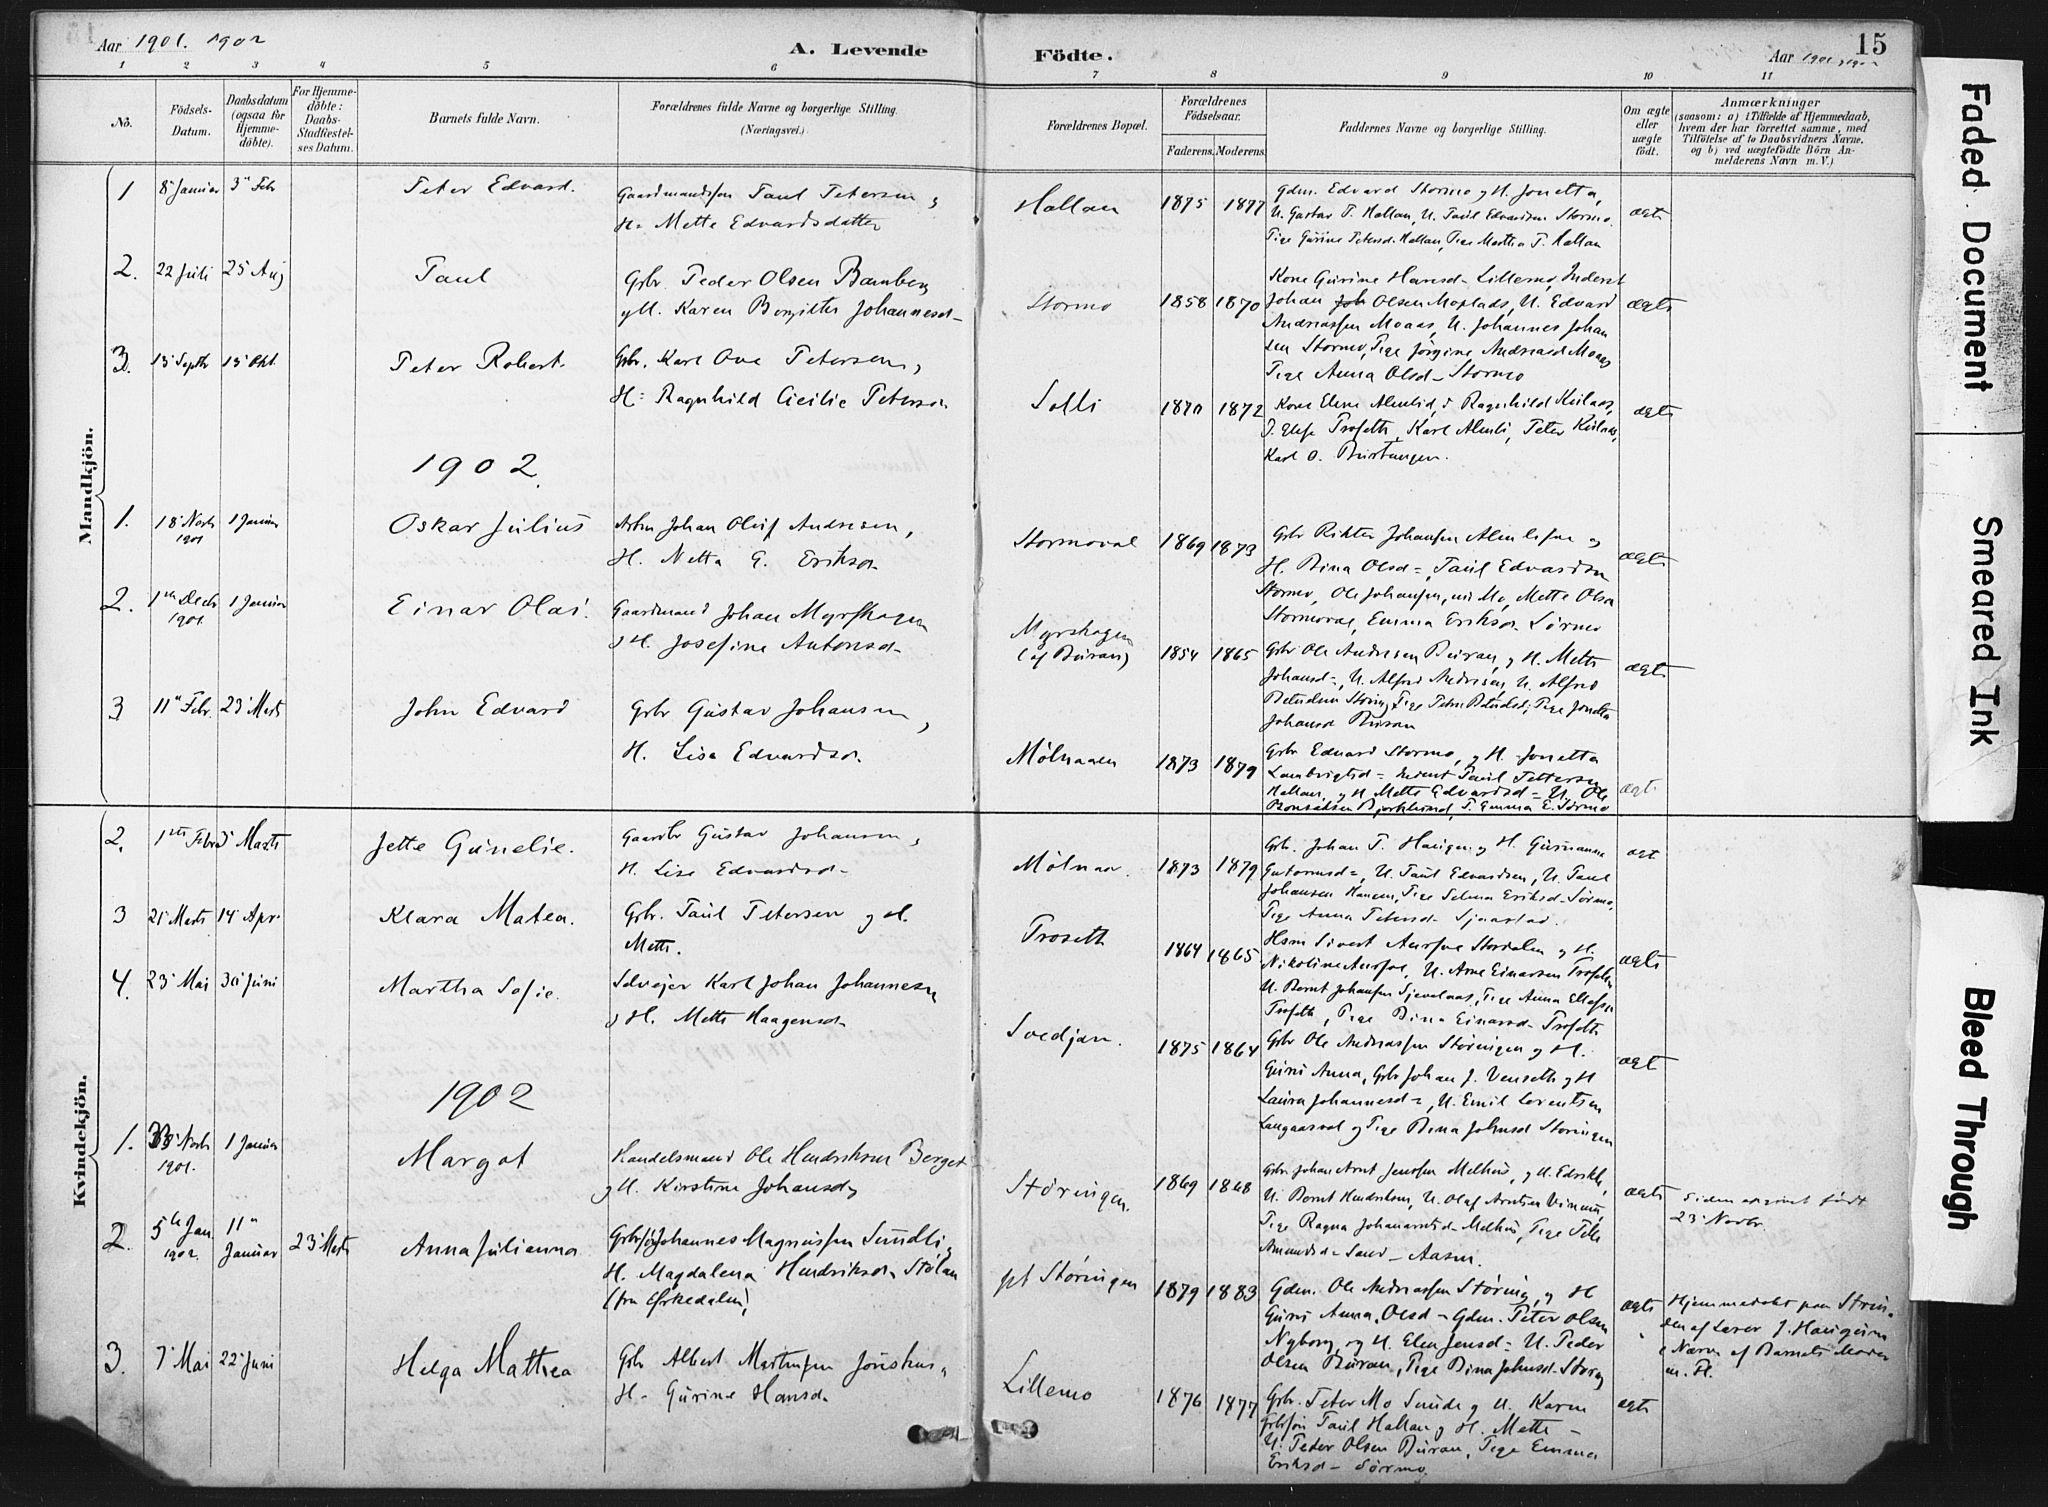 SAT, Ministerialprotokoller, klokkerbøker og fødselsregistre - Nord-Trøndelag, 718/L0175: Ministerialbok nr. 718A01, 1890-1923, s. 15